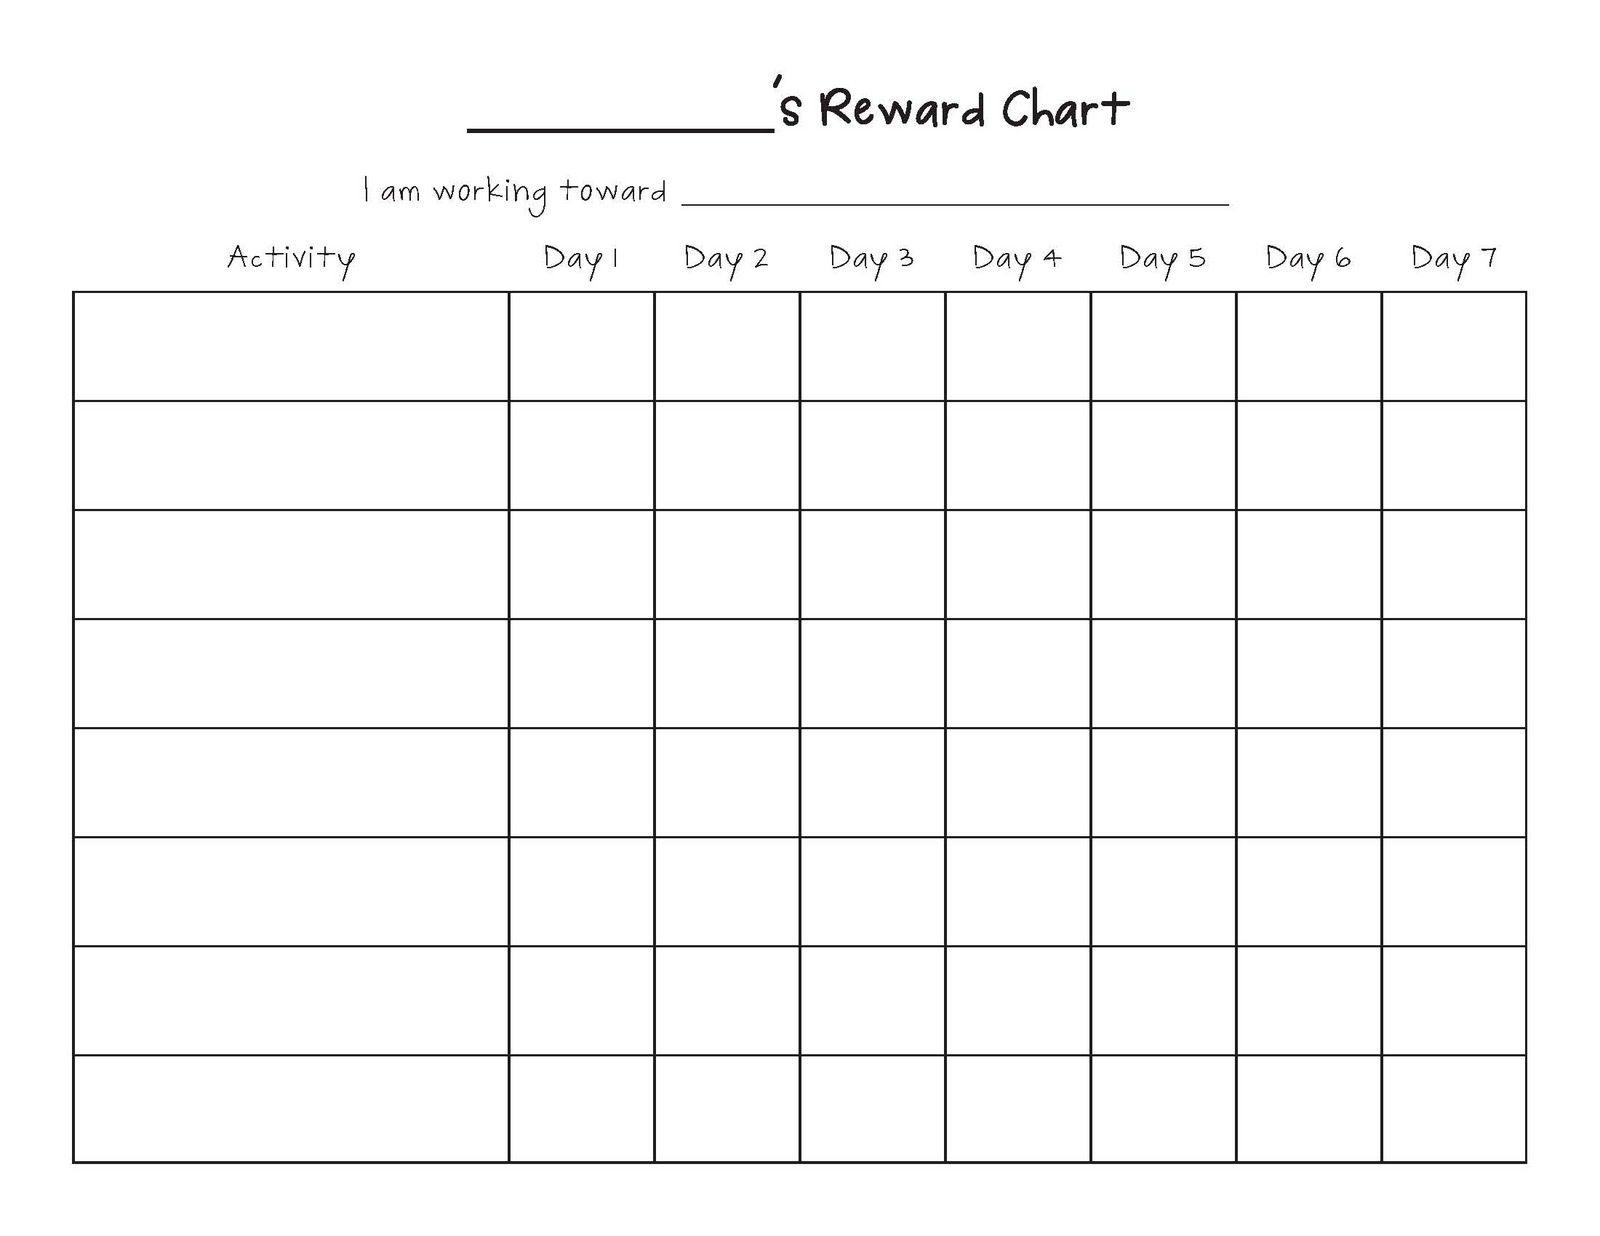 Free Printable Blank Charts | Printable Blank Charts Image Search - Free Printable Charts